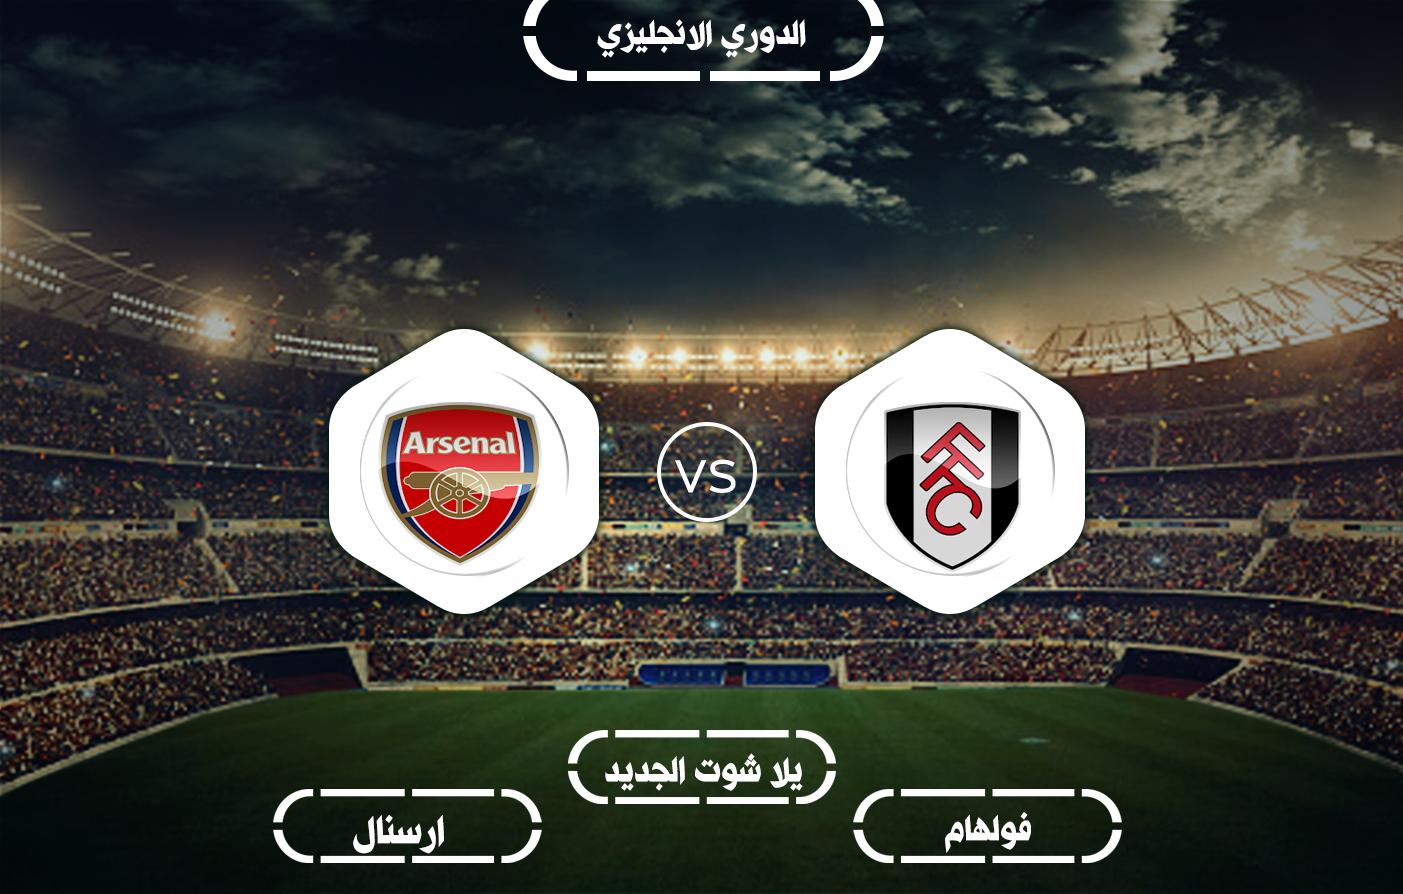 مشاهدة مباراة فولهام وآرسنال بث مباشر اليوم 12-09-2020 الدوري الانجليزي